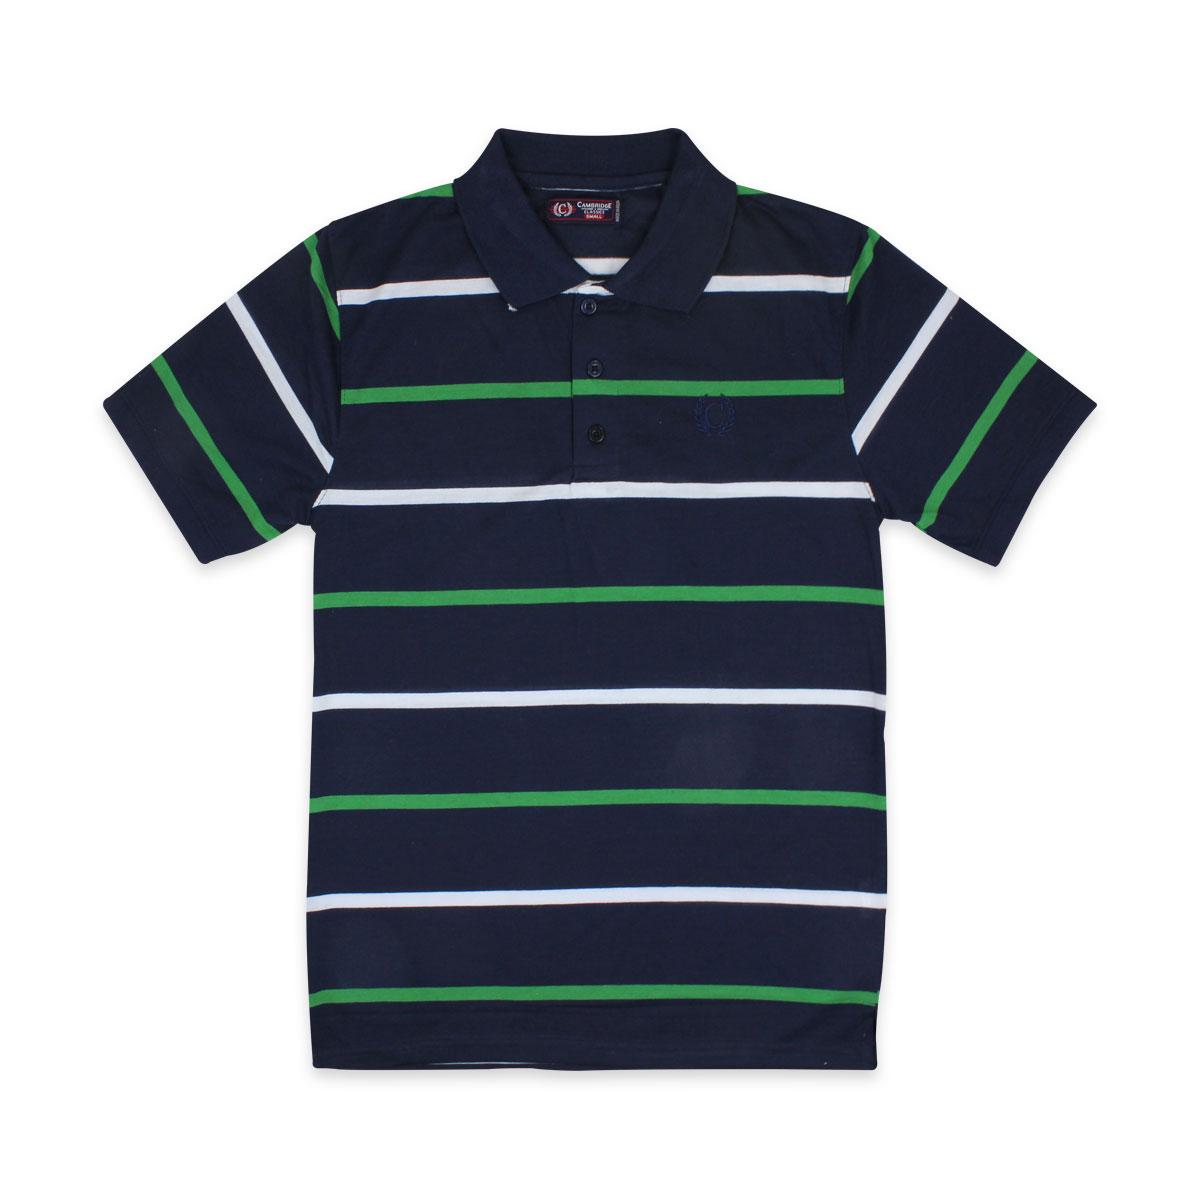 Camisas-Polo-Para-Hombre-A-Rayas-Pique-Con-Cuello-camiseta-Camiseta-Manga-Corta-De-Verano-S-M-L-XL miniatura 65